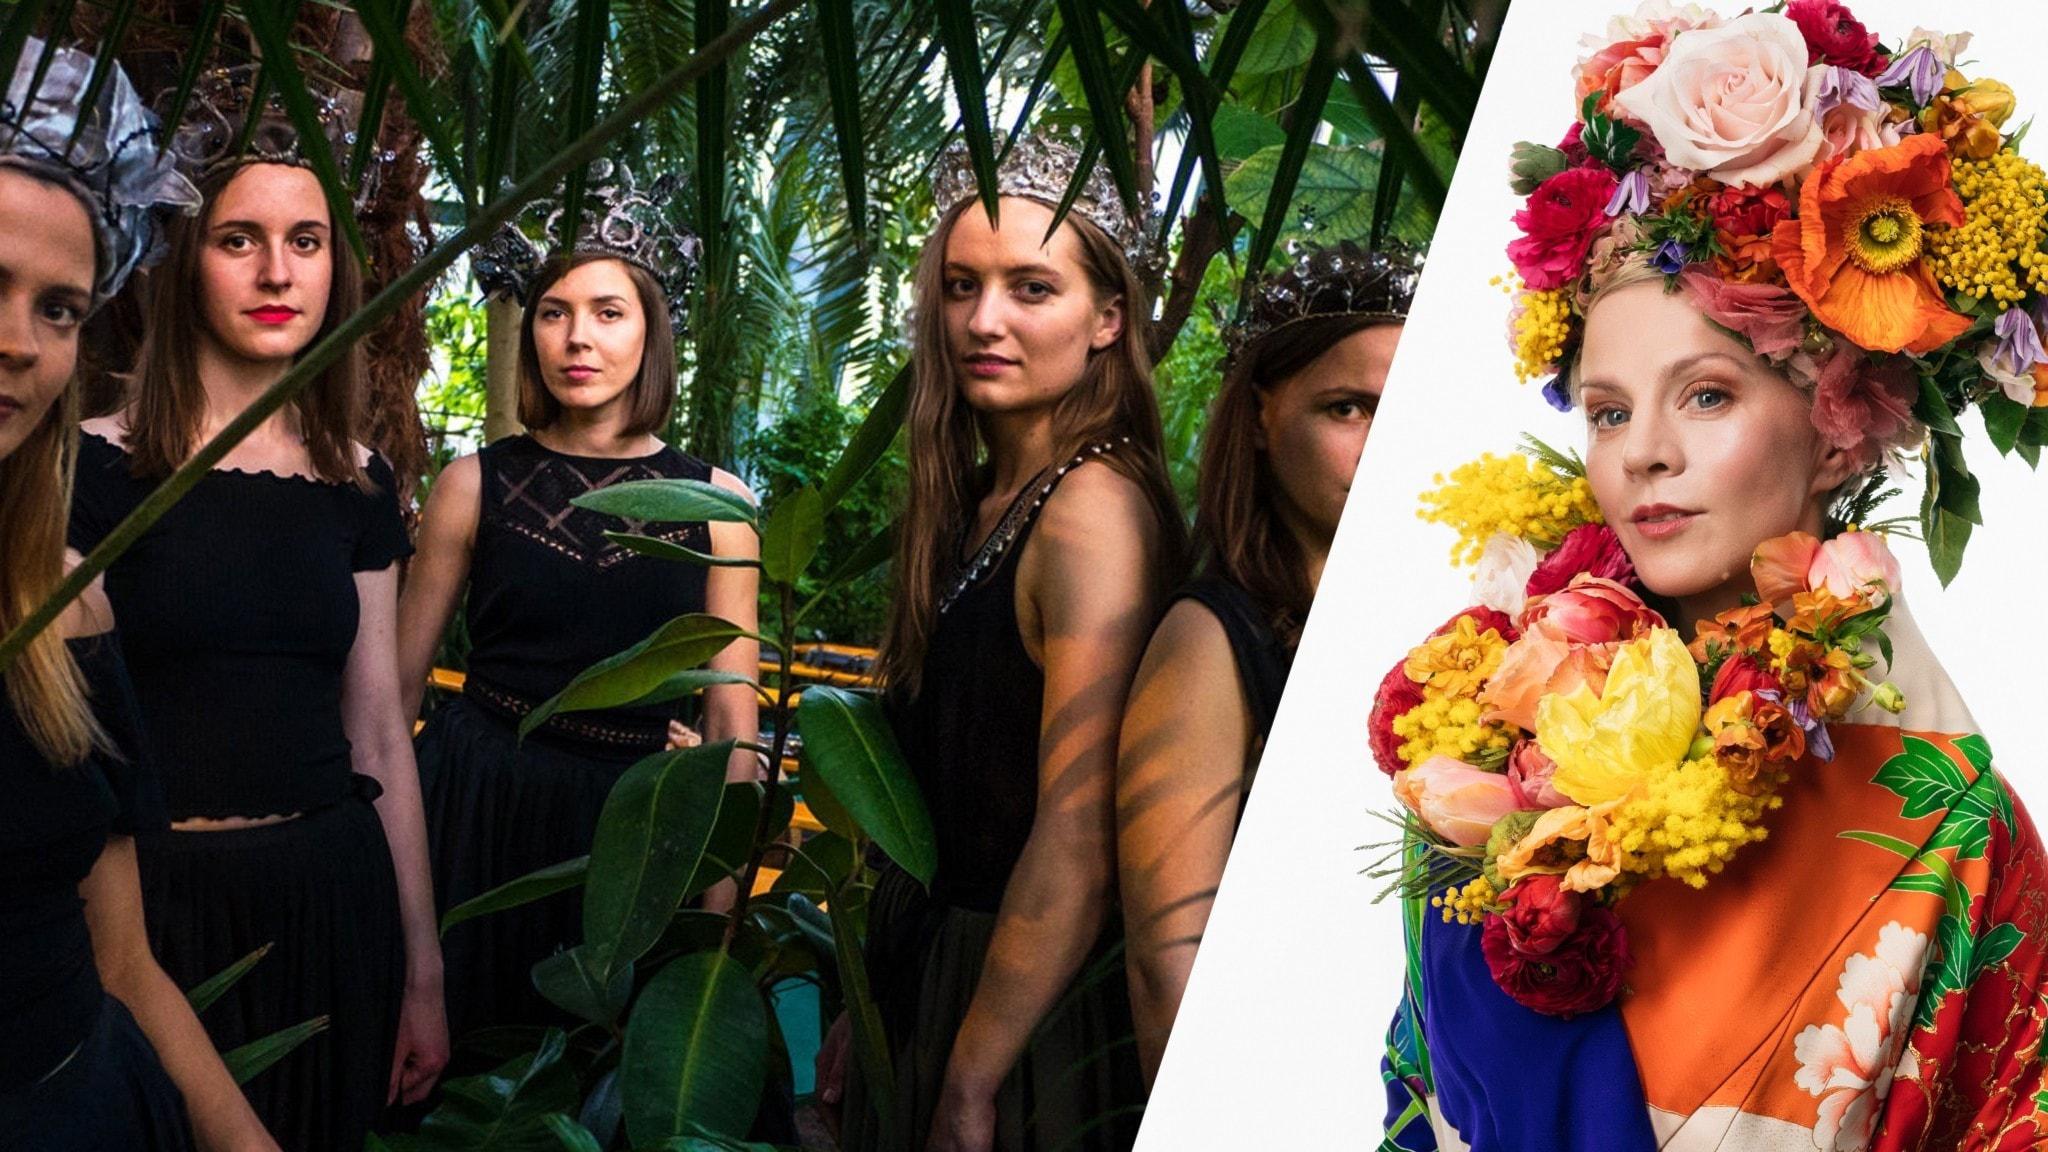 Veckans favoriter: Från lettiska folkbandet Tautumeitas till brasilianska singer/songwriters